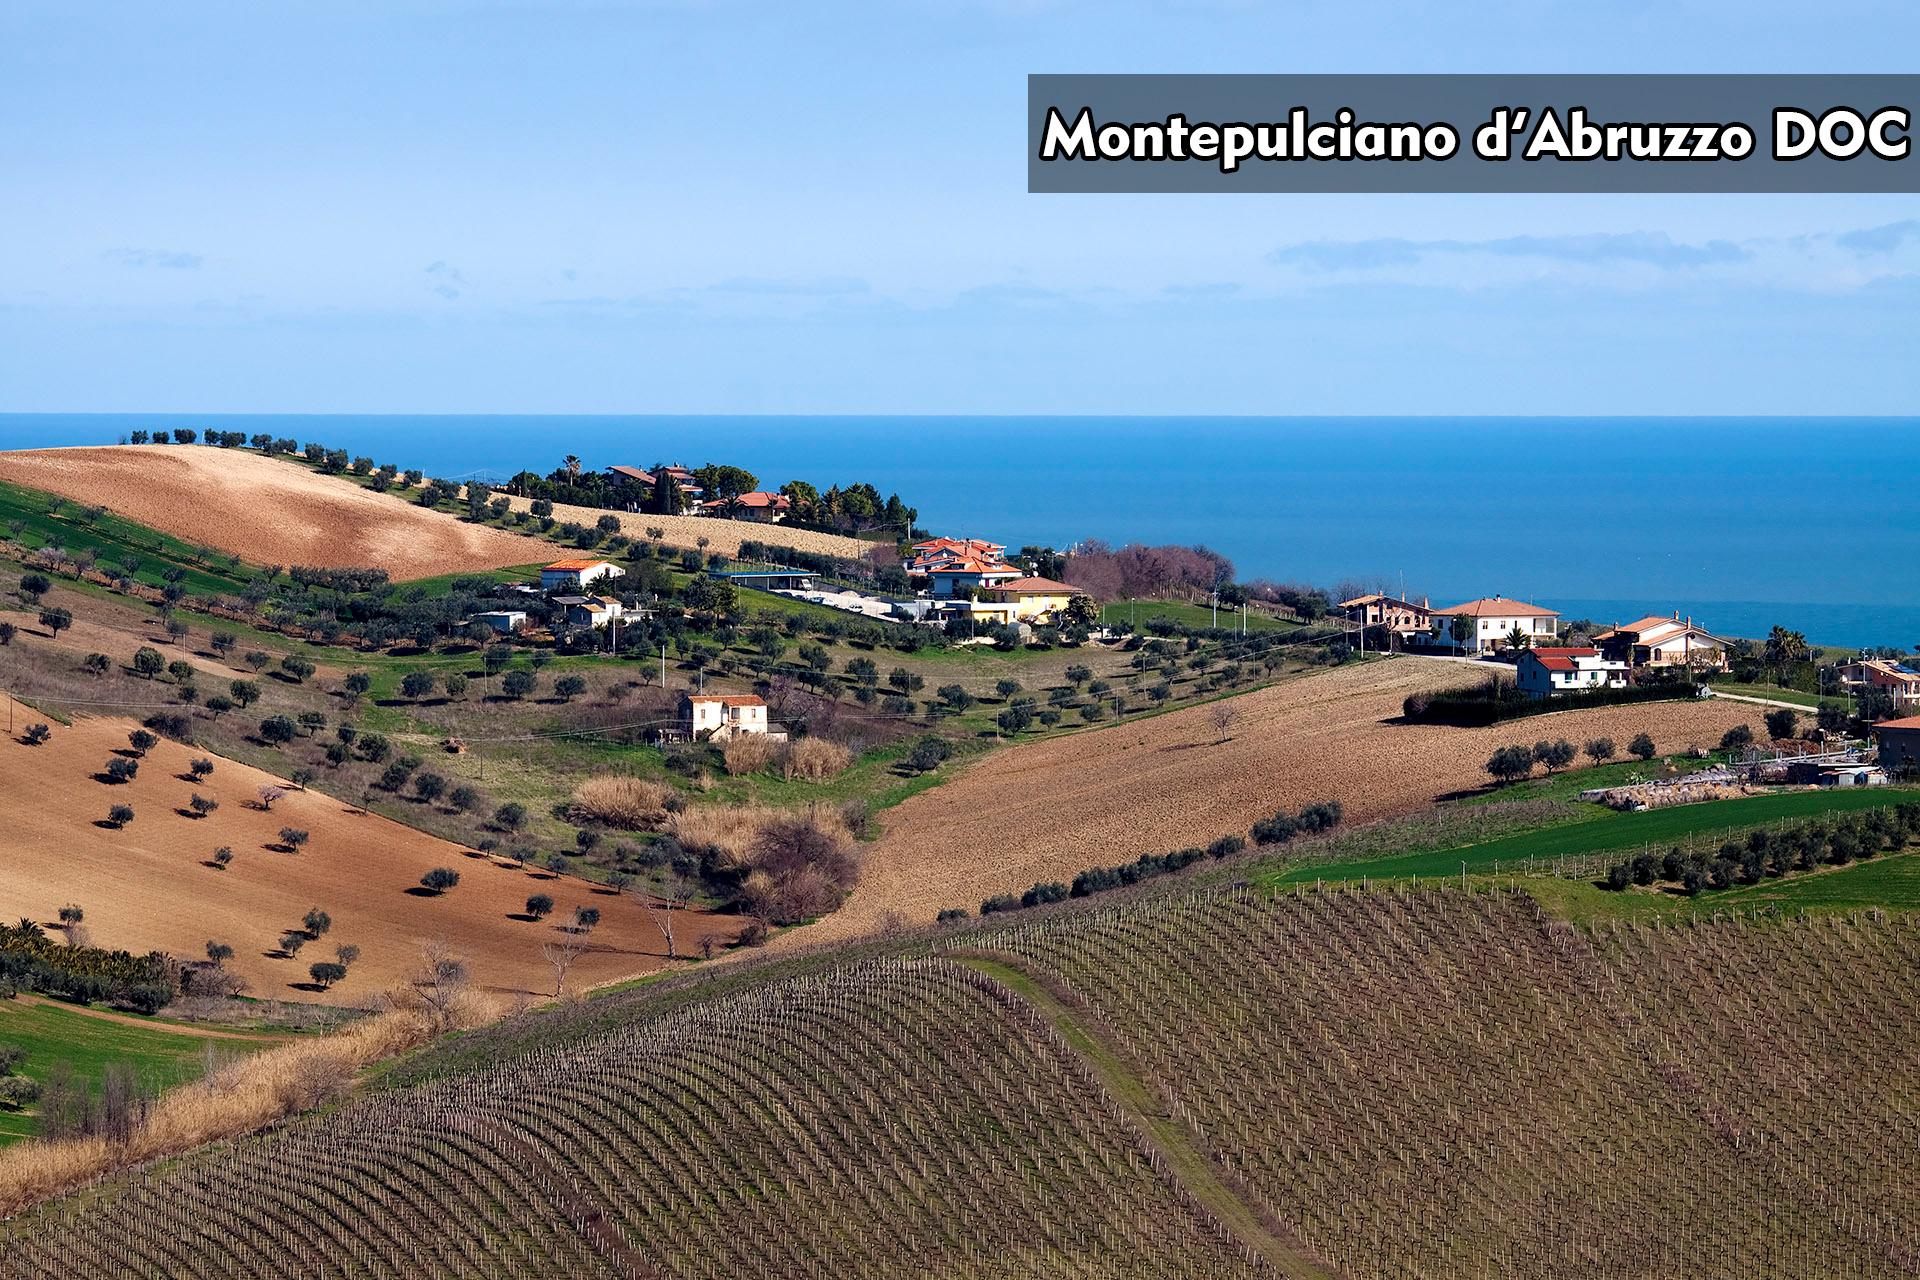 Montepulciano d'Abruzzo DOC|阿布魯佐蒙特普奇亞諾法定產區|阿布魯佐|Abruzzo|Wine Couple 醇酒伴侶